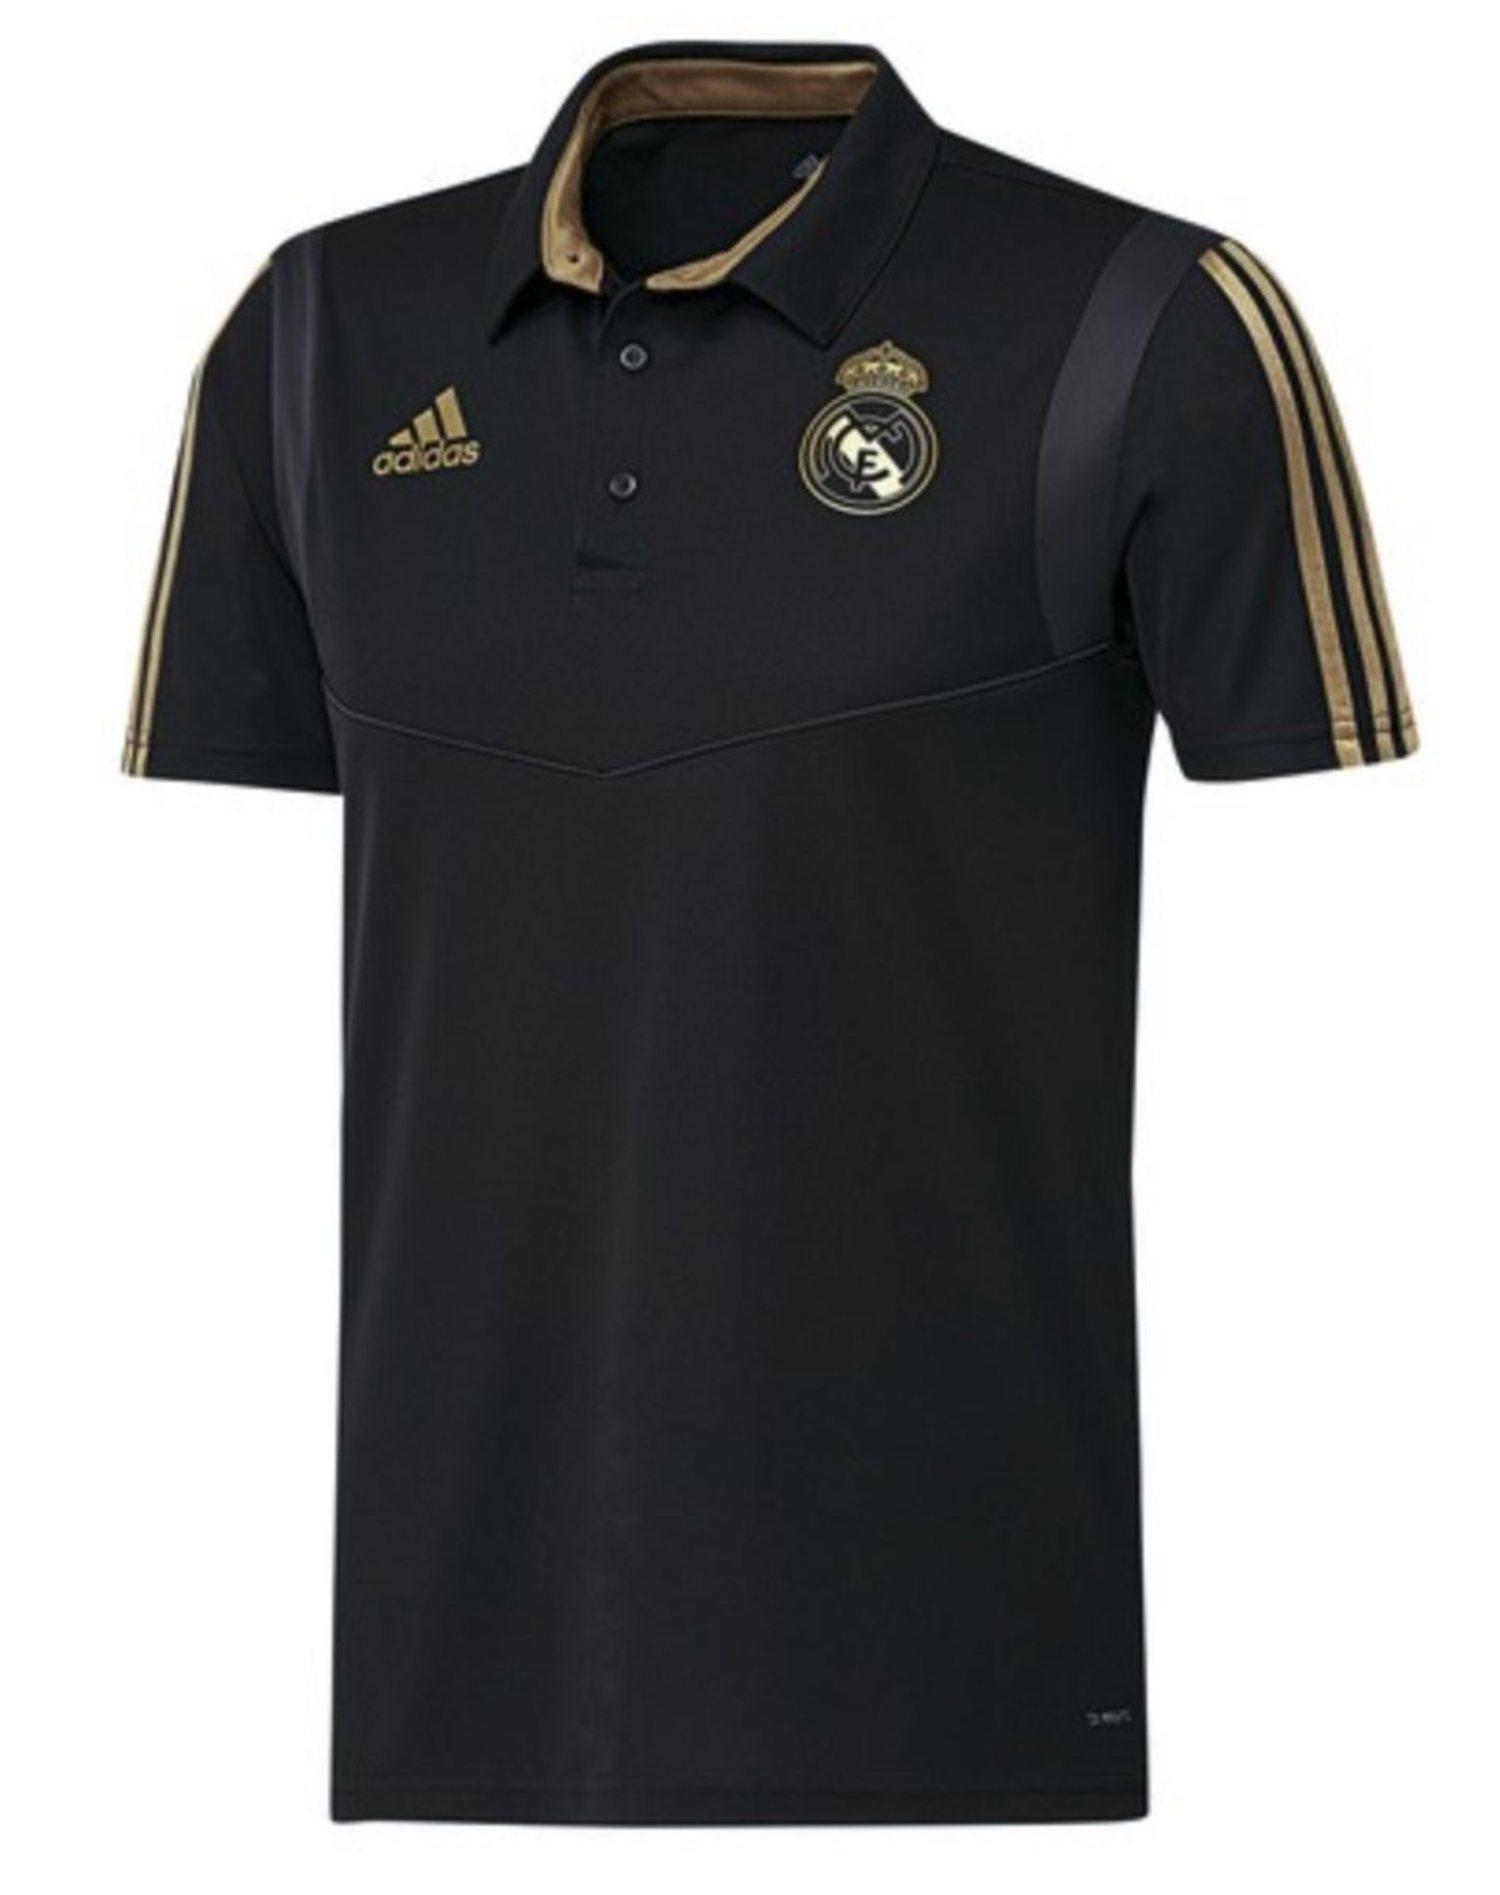 Este año los polos del Real Madrid serán negros y dorados